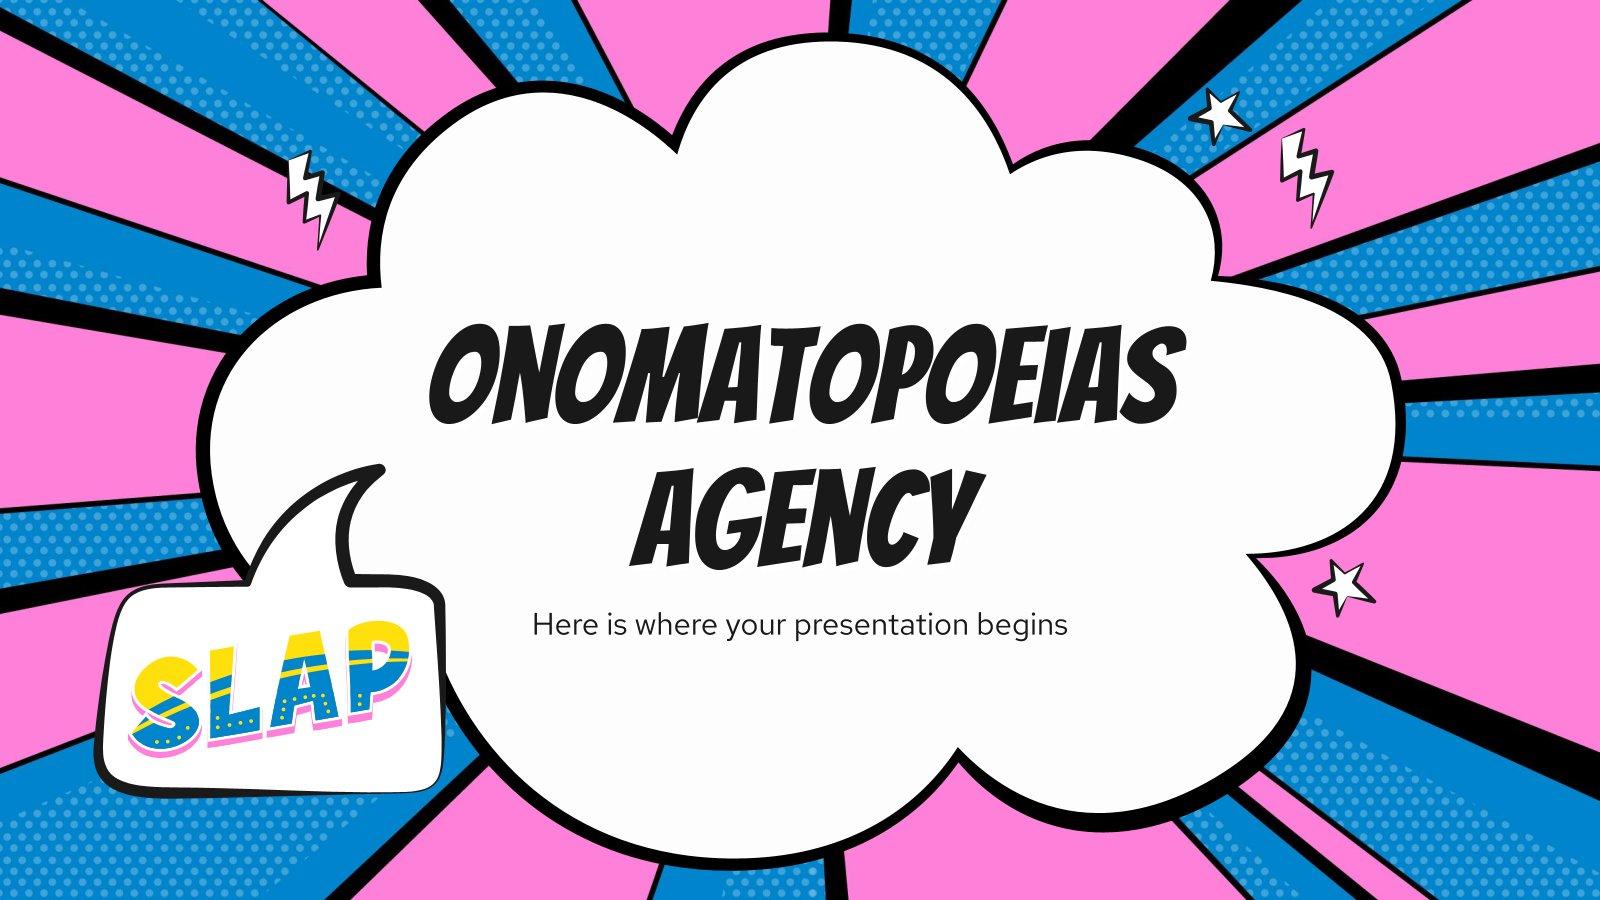 Onomatopoeias Agency presentation template